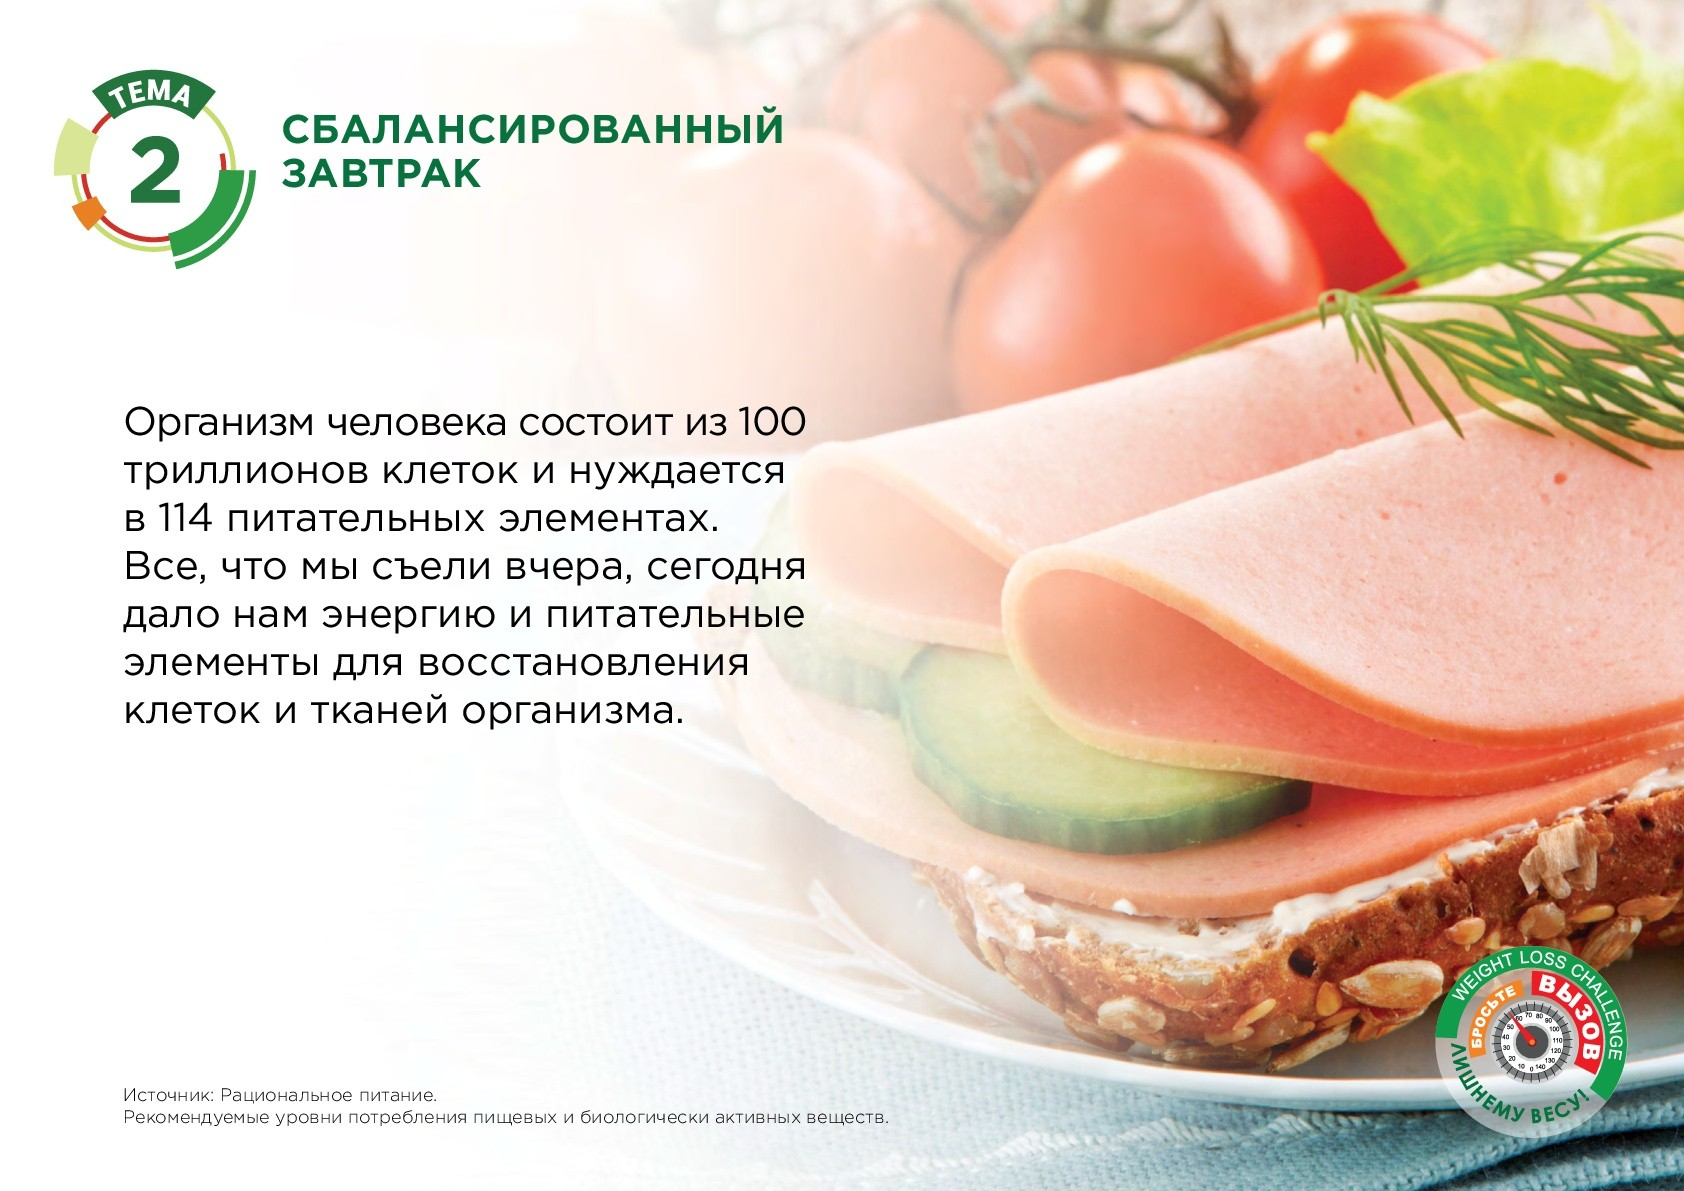 114 питательных элементах